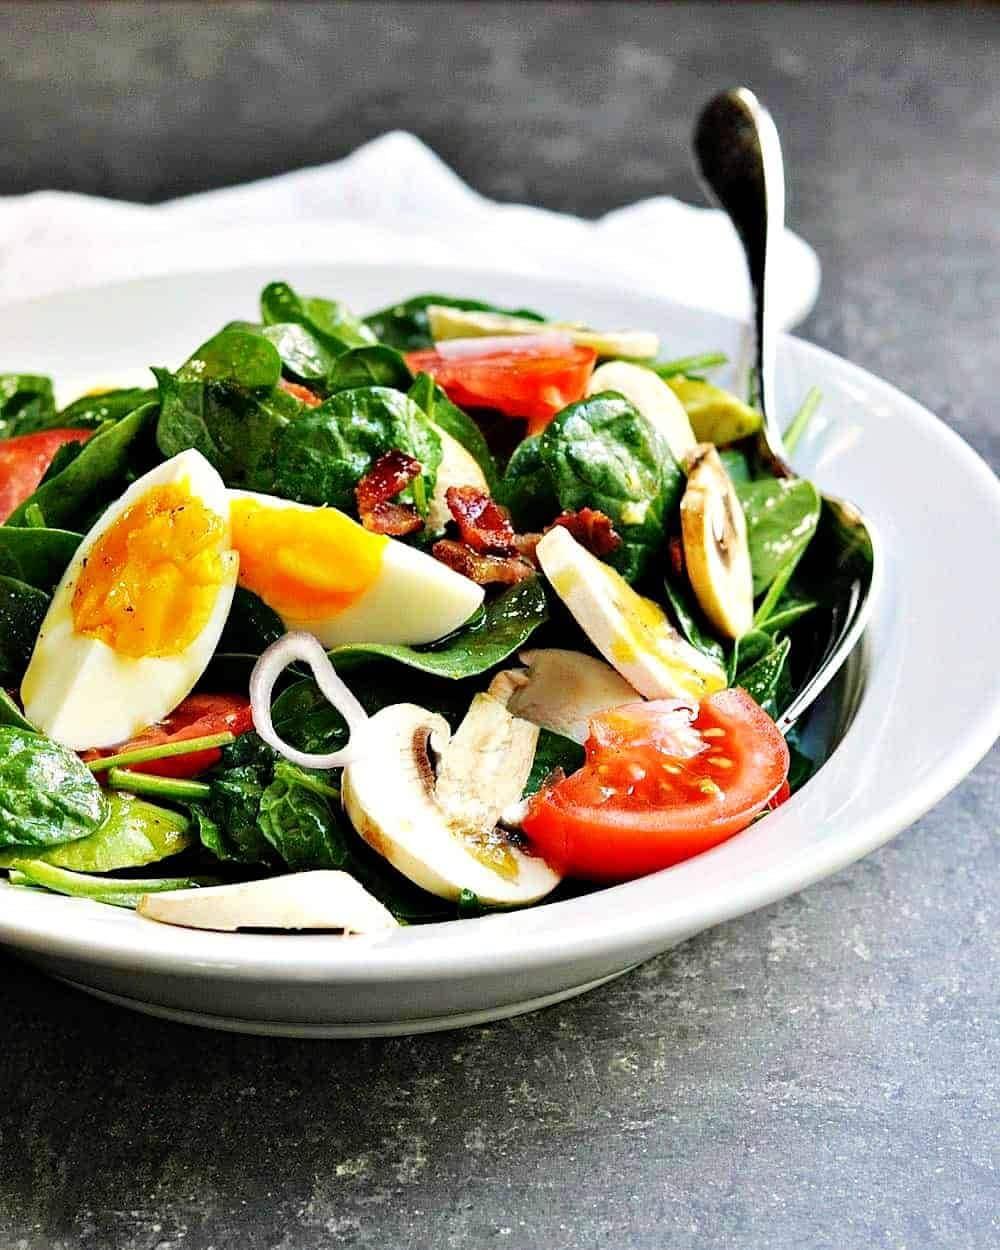 Салат с грибами, шпинатом, авокадо и яйцом